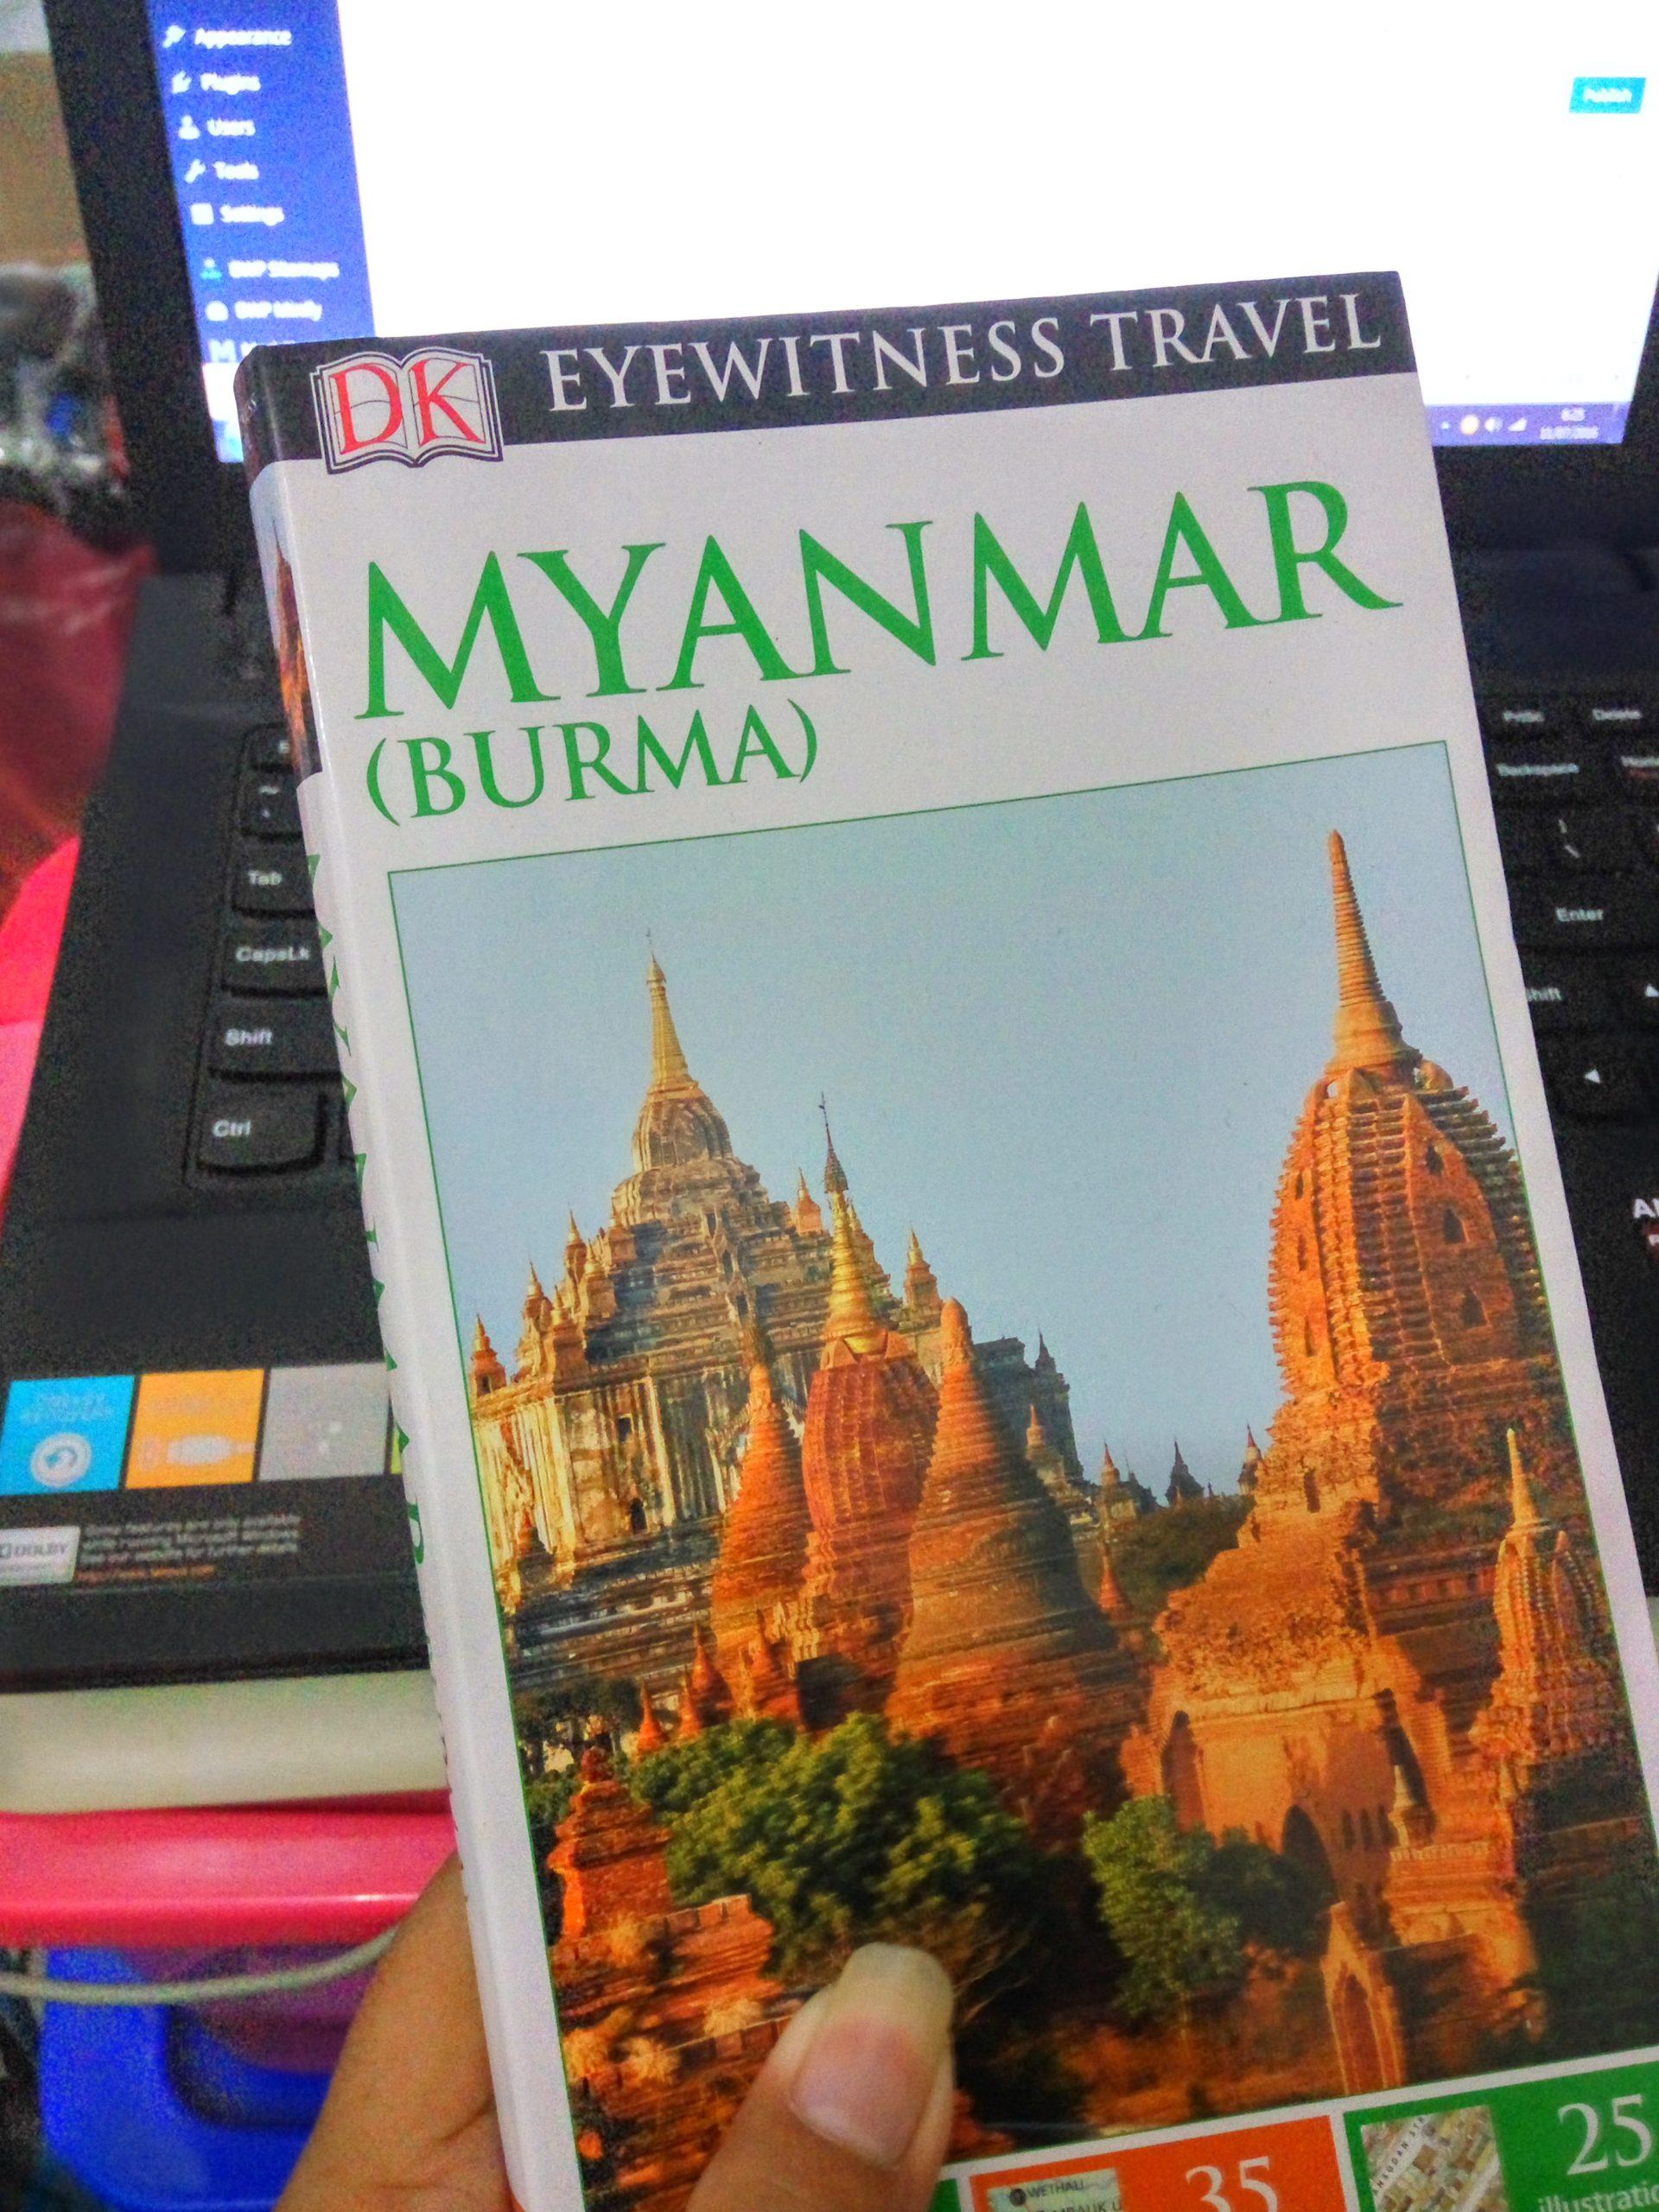 Buku Myanmar (Eyewitness Travel)